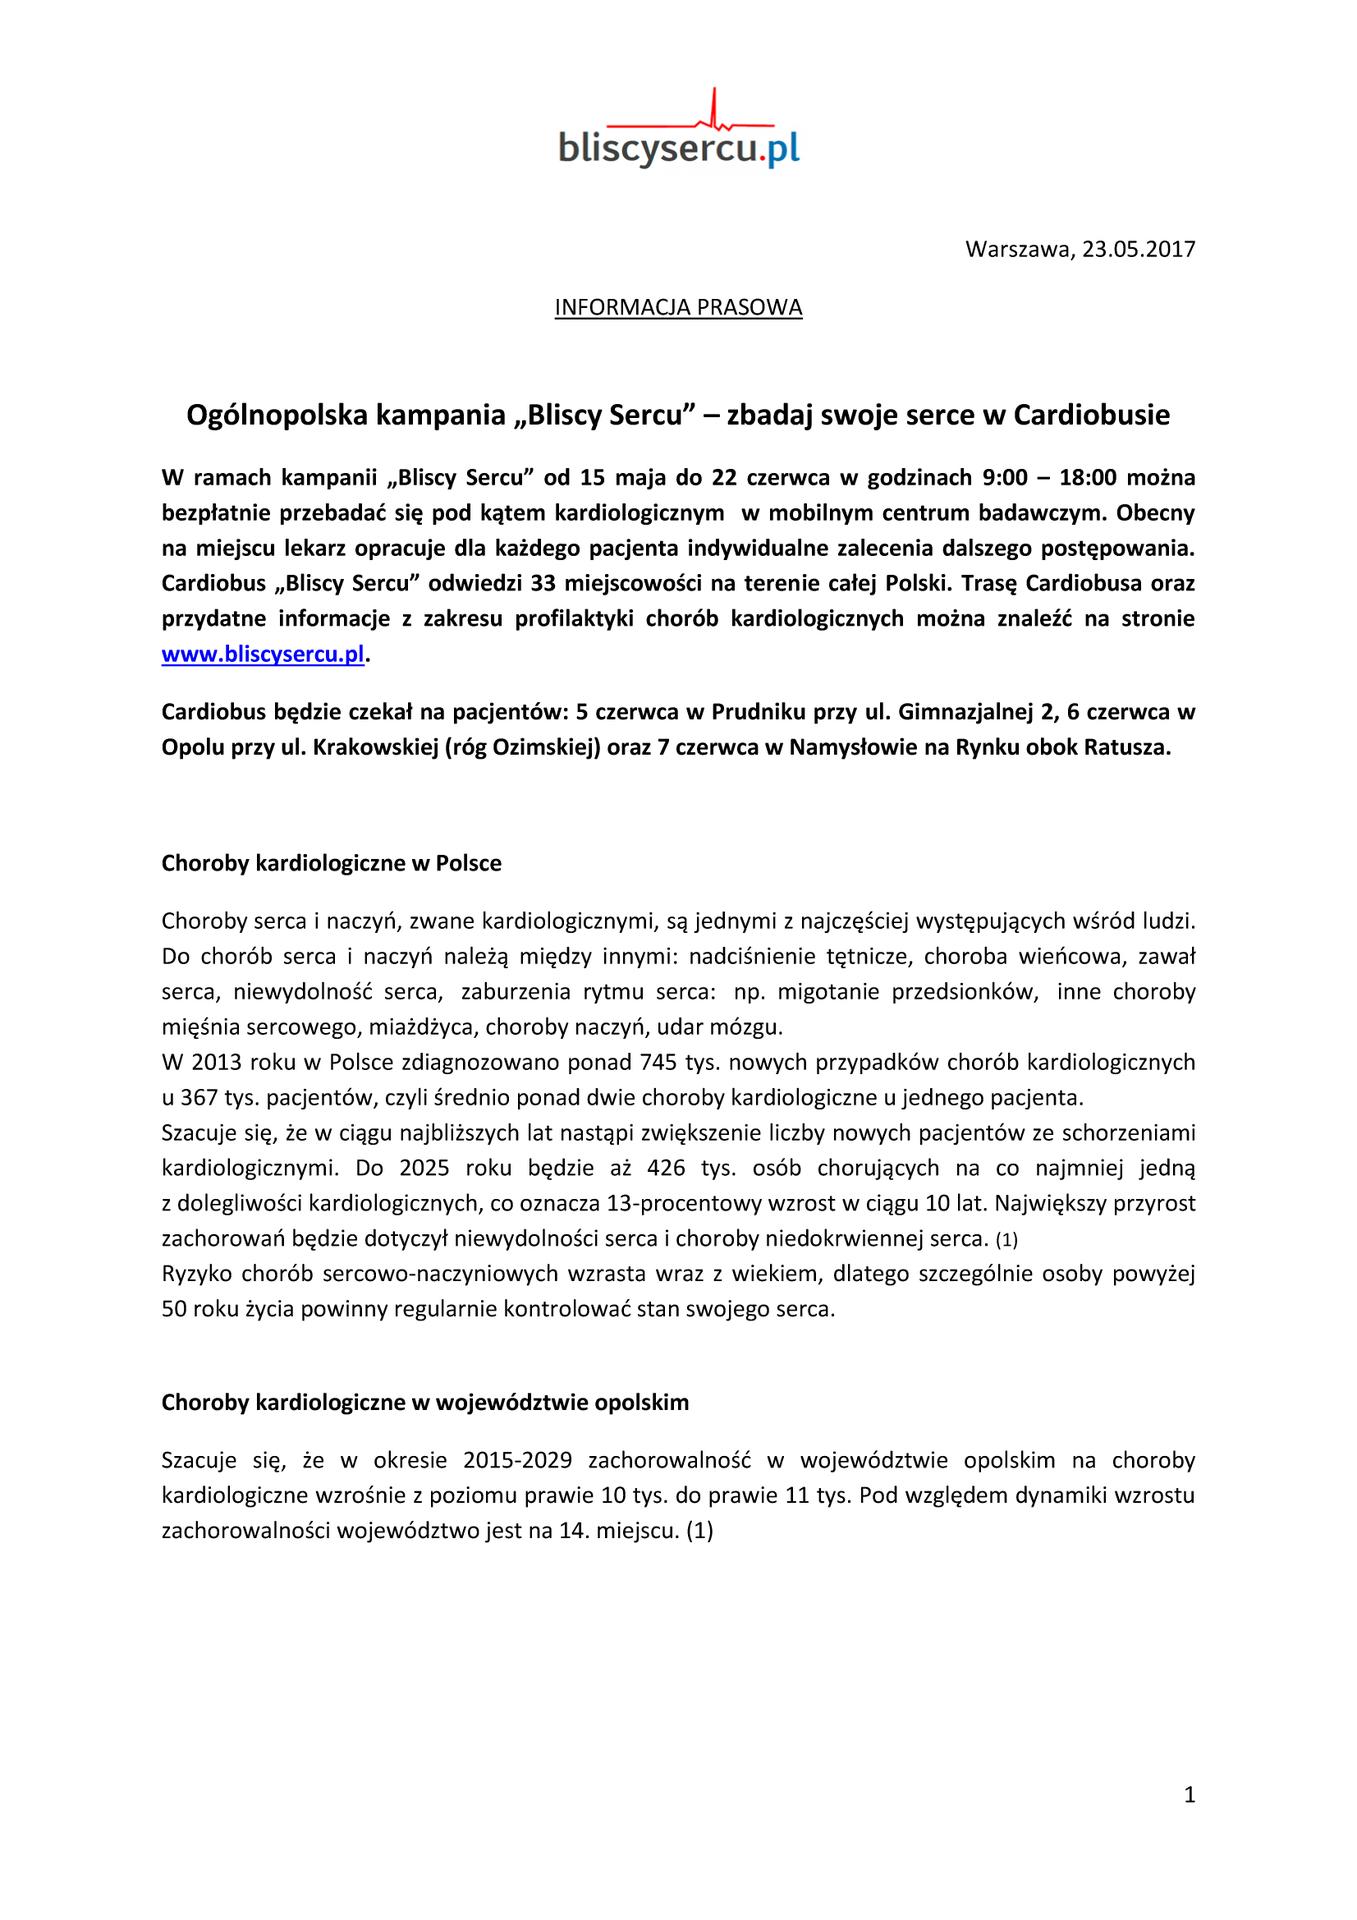 Bliscy_Sercu_informacja_prasowa_23_05_2017_LOKALNA_Opolskie-1.jpeg